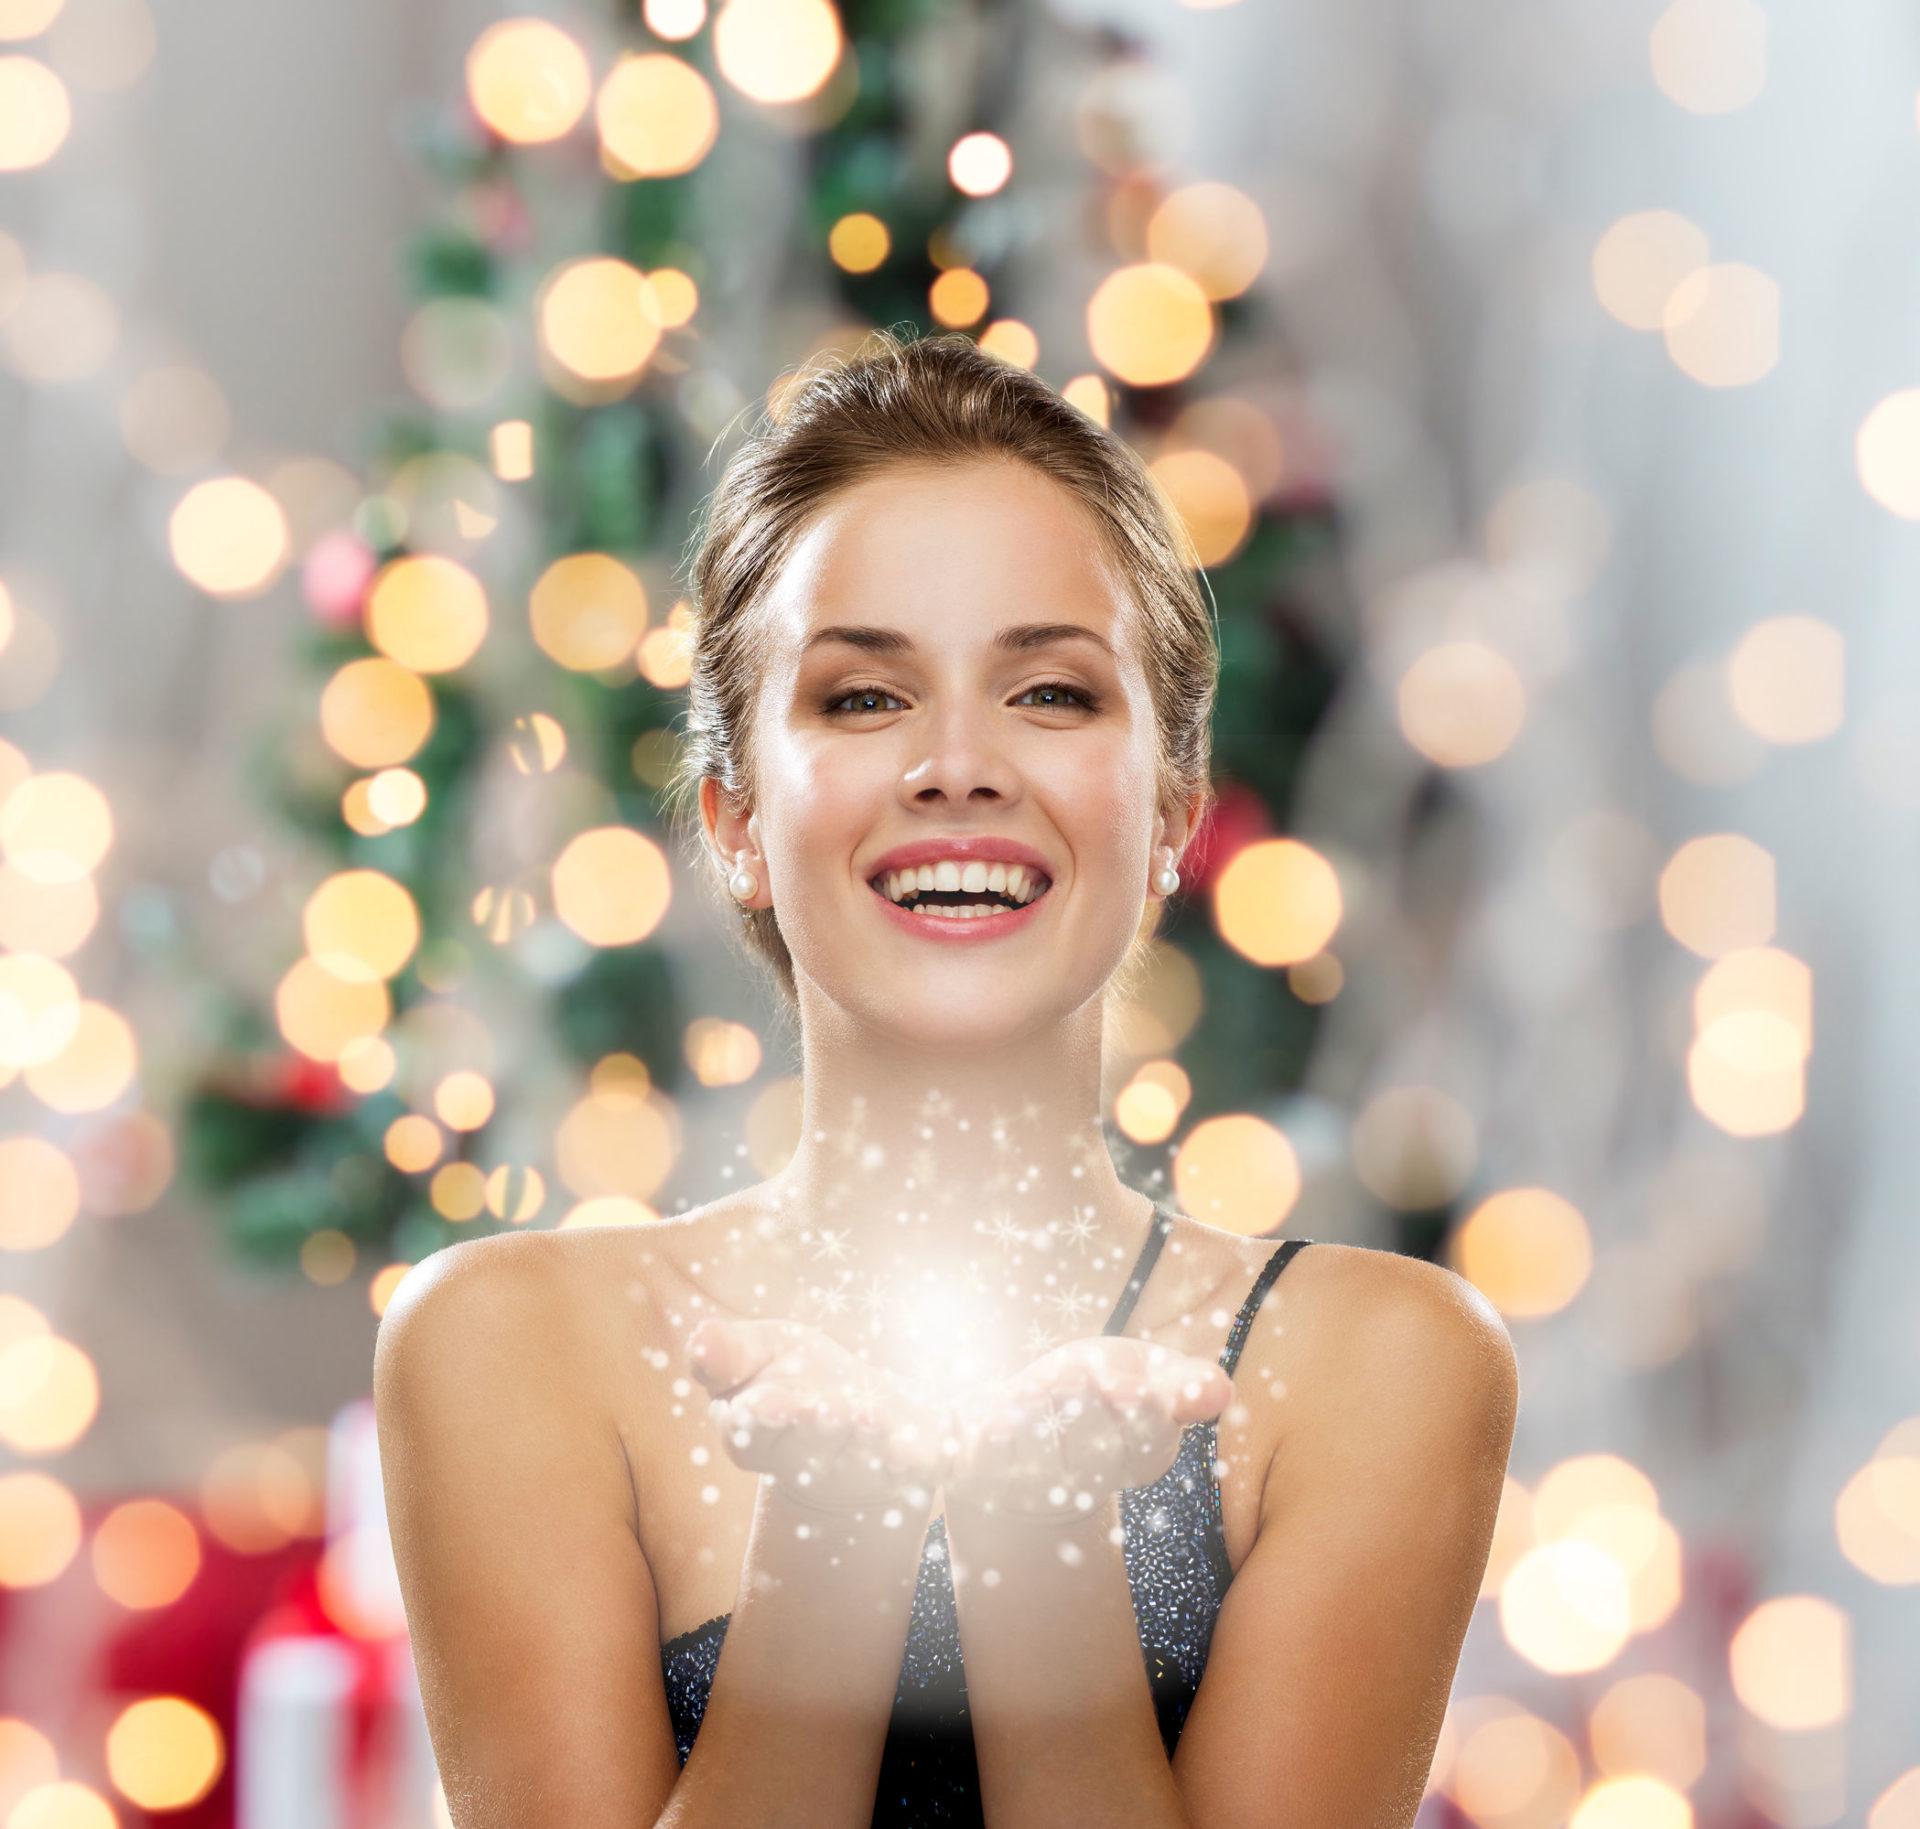 2019 Christmas Party Hair Ideas